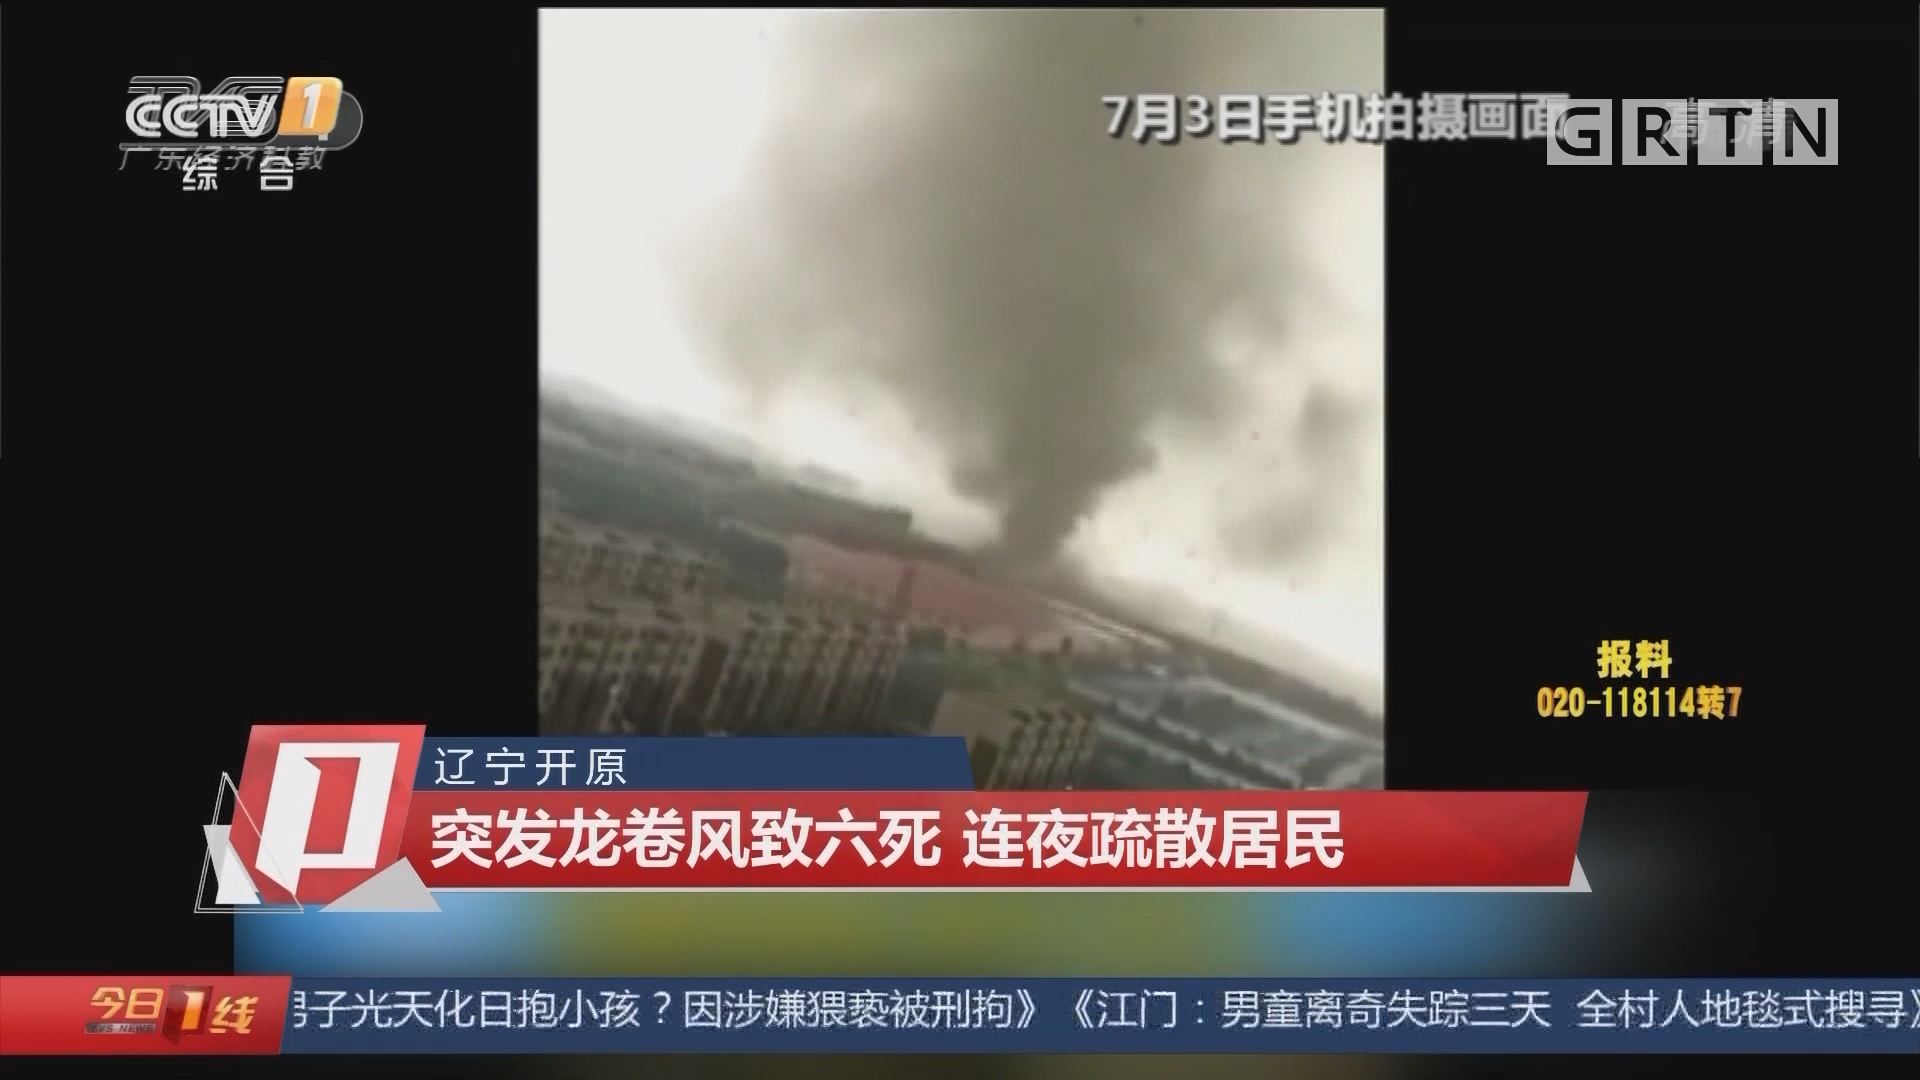 遼寧開原:突發龍卷風致六死 連夜疏散居民